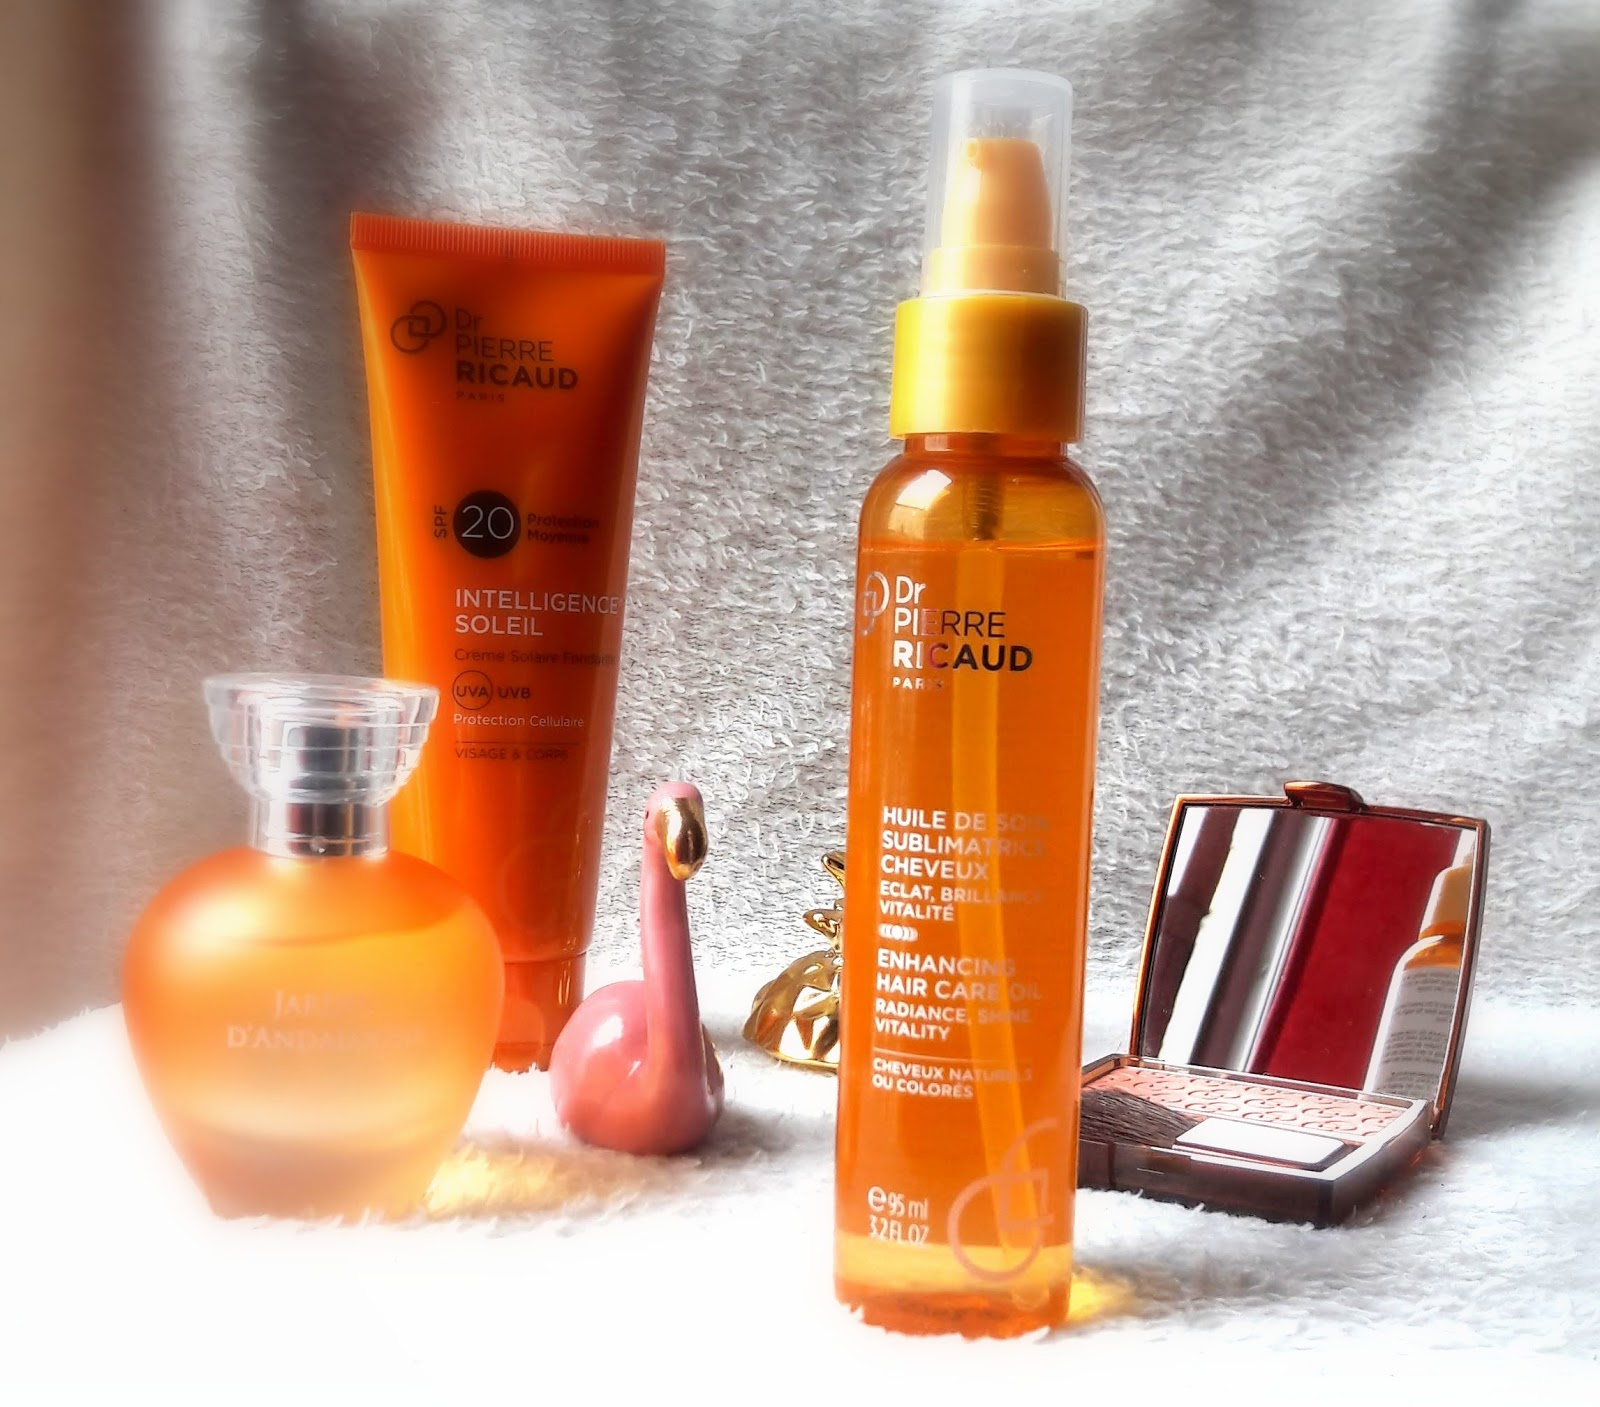 huile de soin sublimatrice cheveux dr pierre ricaud